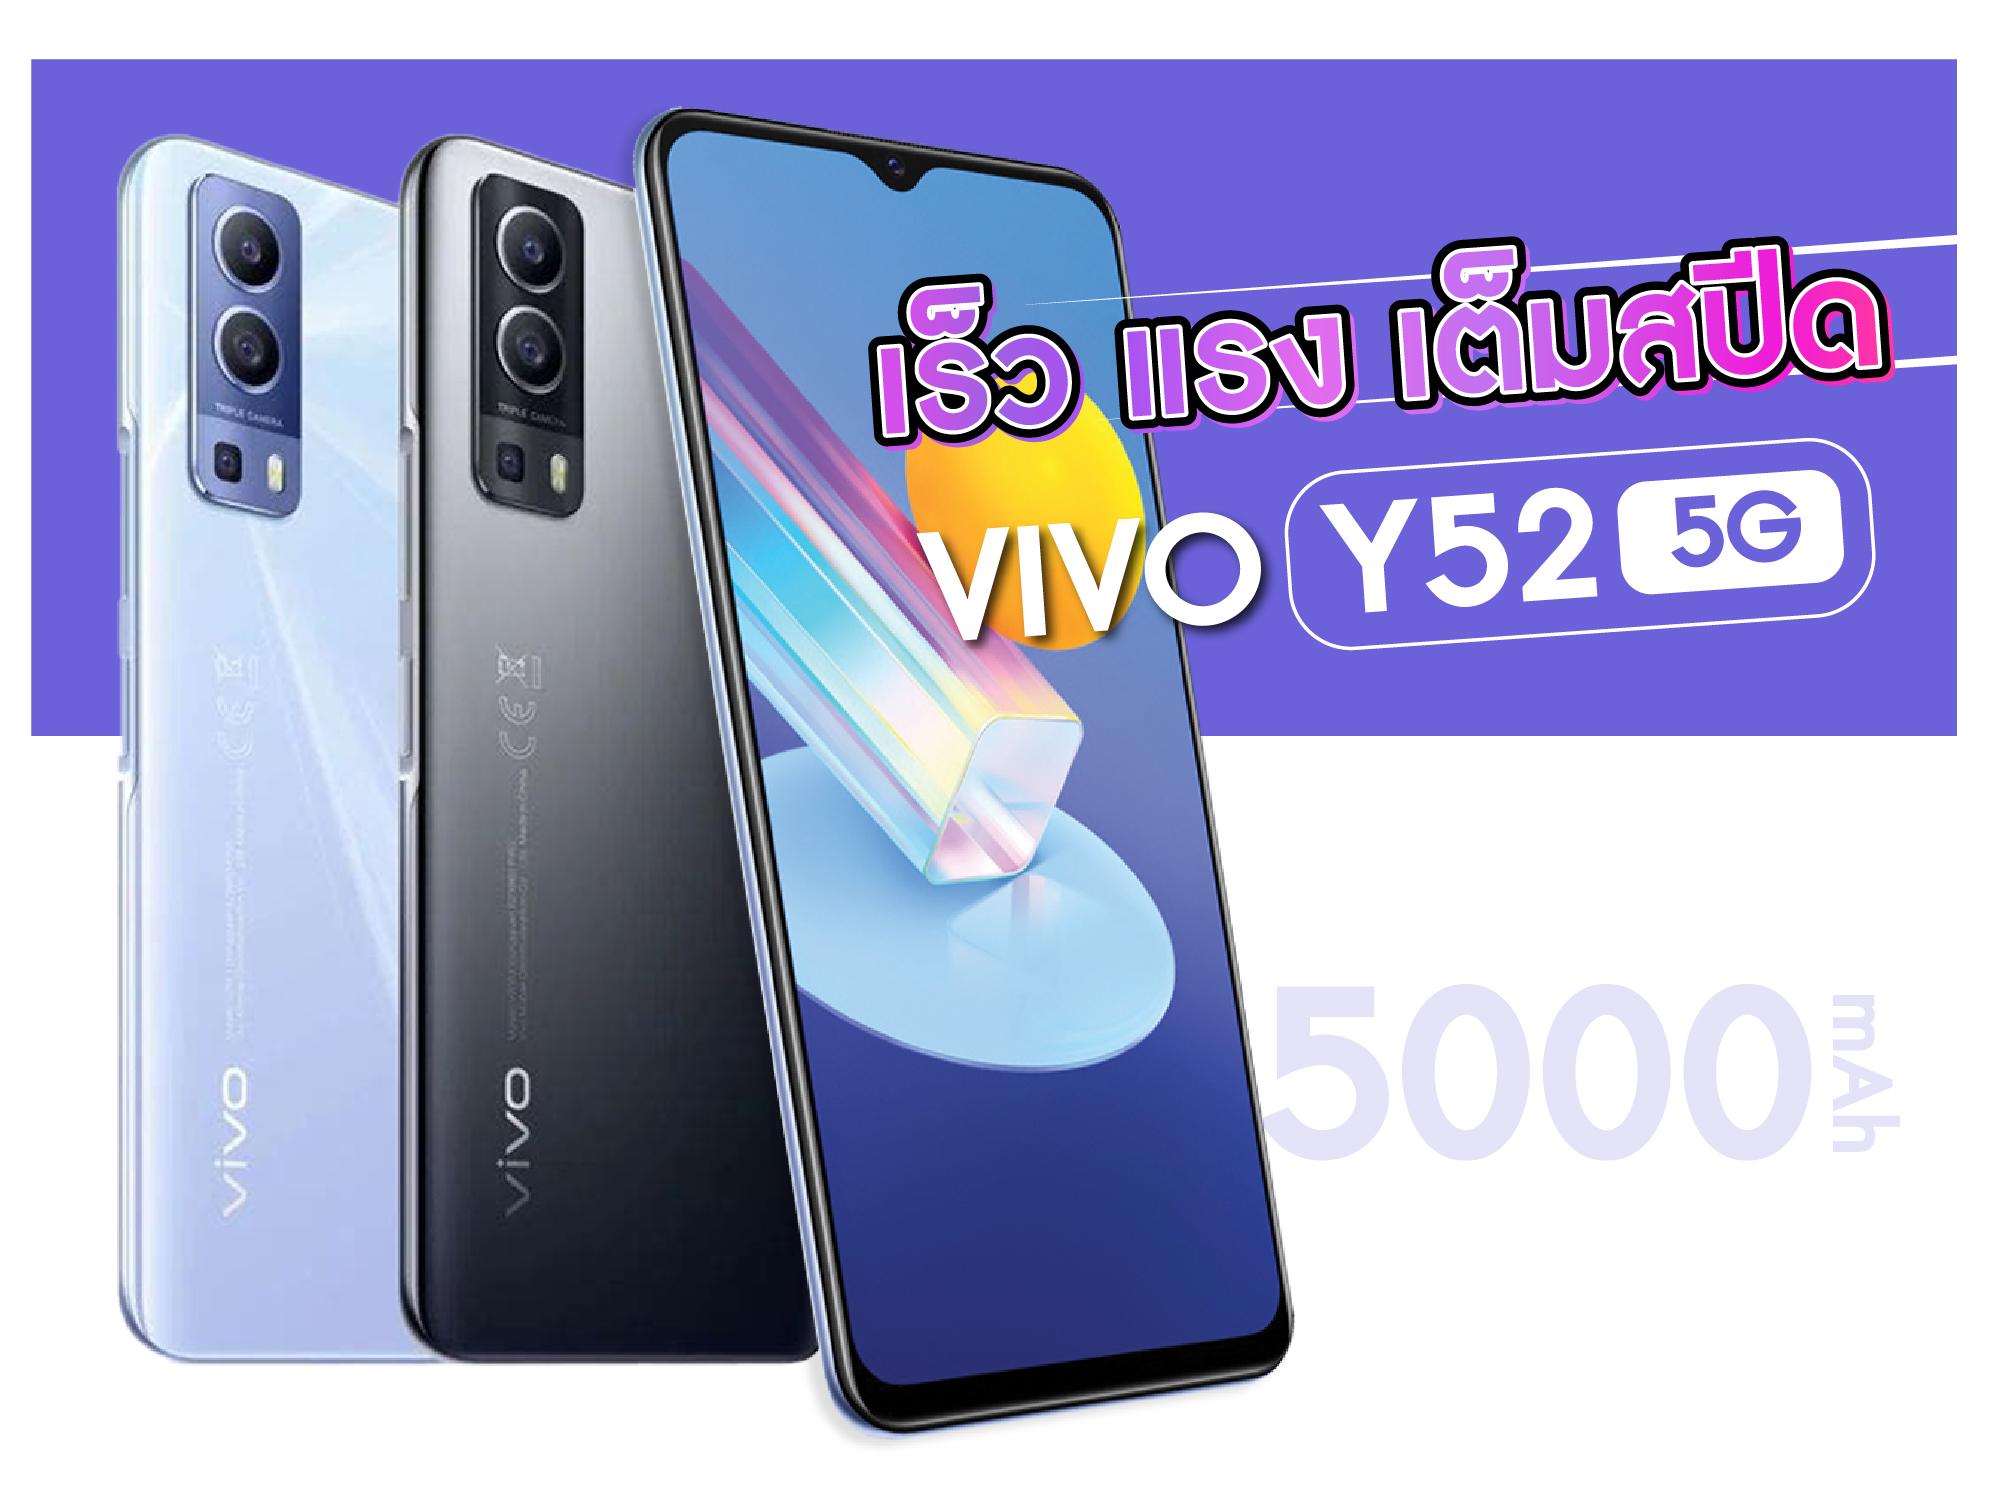 MOBILE-VIVO-Y52-5G